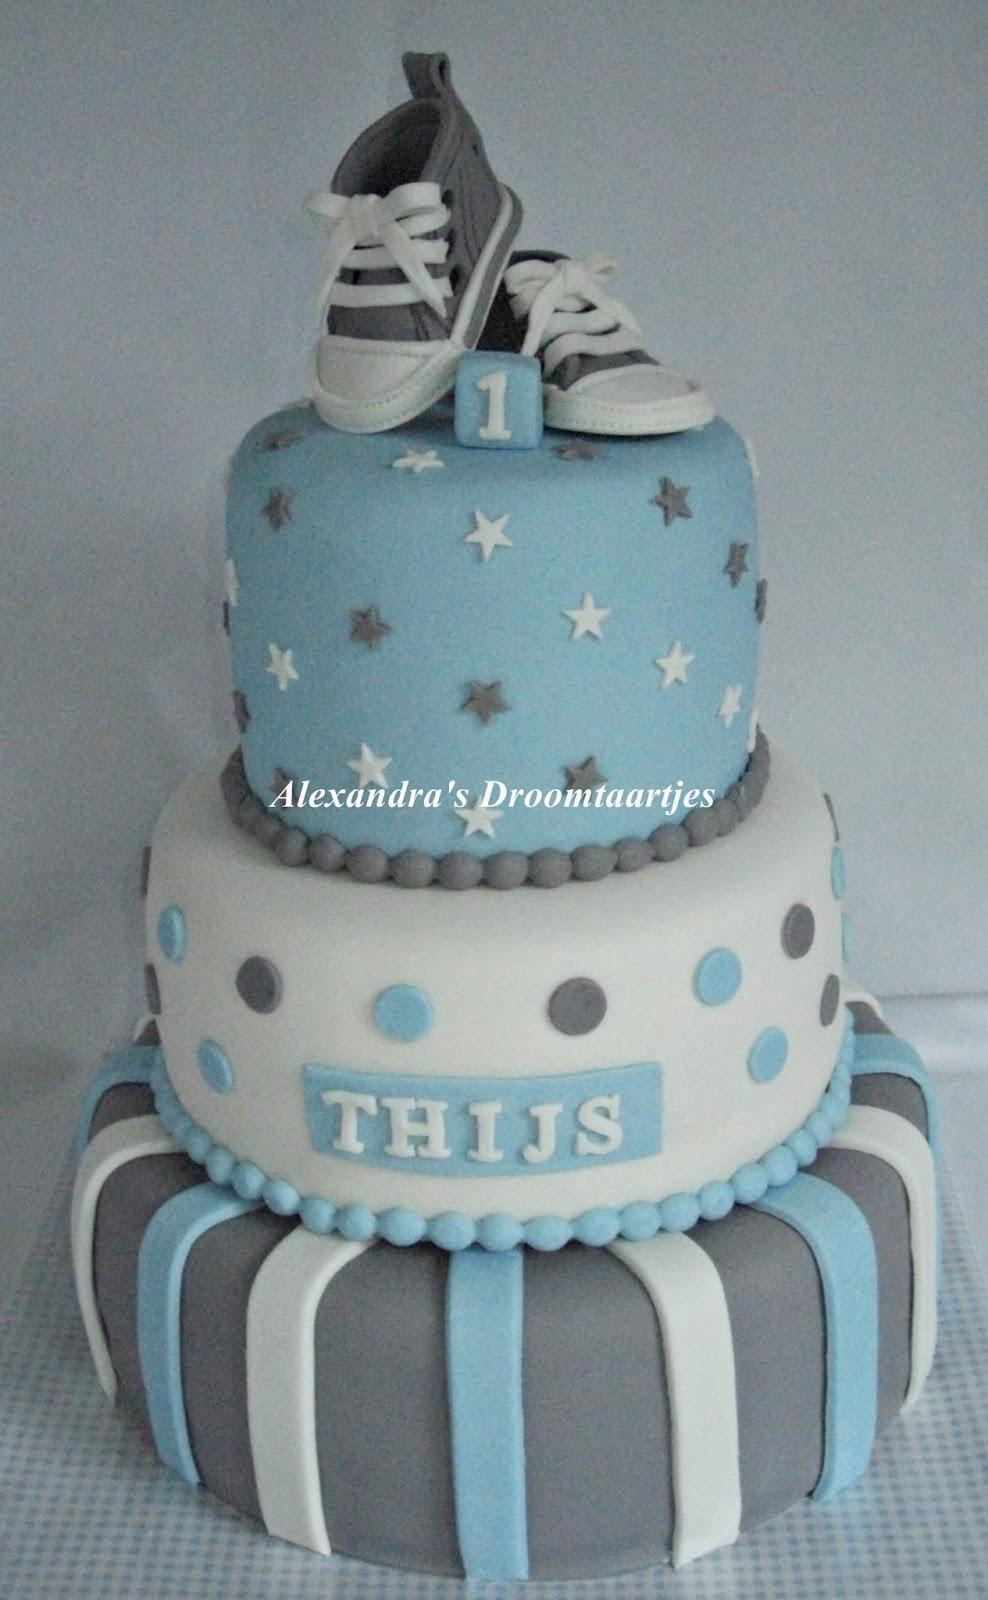 Geliefde Sneaker taart / cake jongen 1 jaar | Alexandra's droomtaartjes &GE11